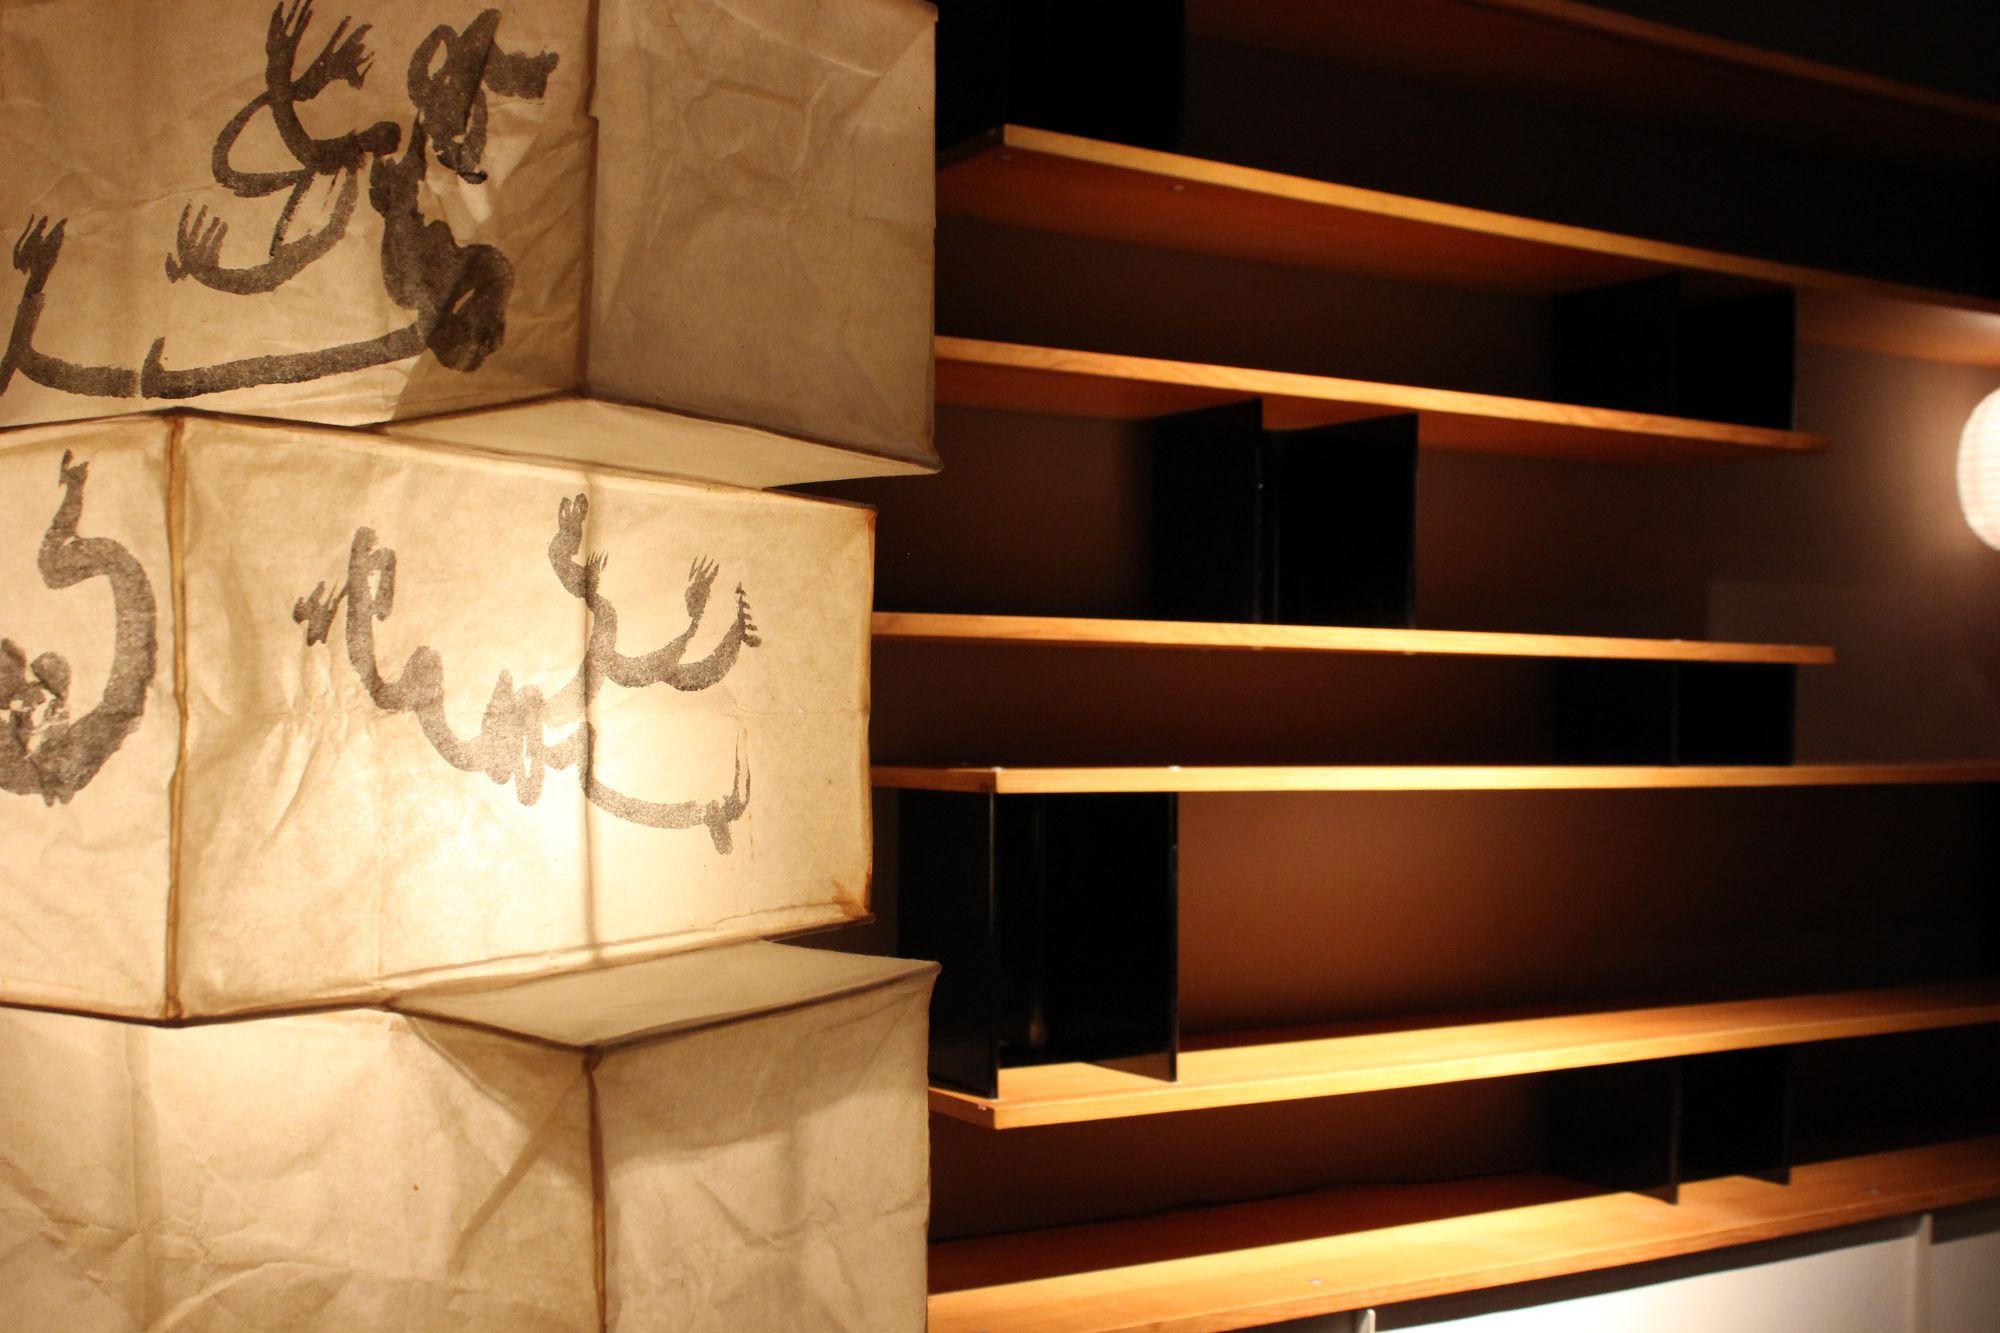 Laffanour zeigt japanisch inspirierte Interieurs von Charlotte Perriand mit seltenen Leuchten von Isamu Noguchi.